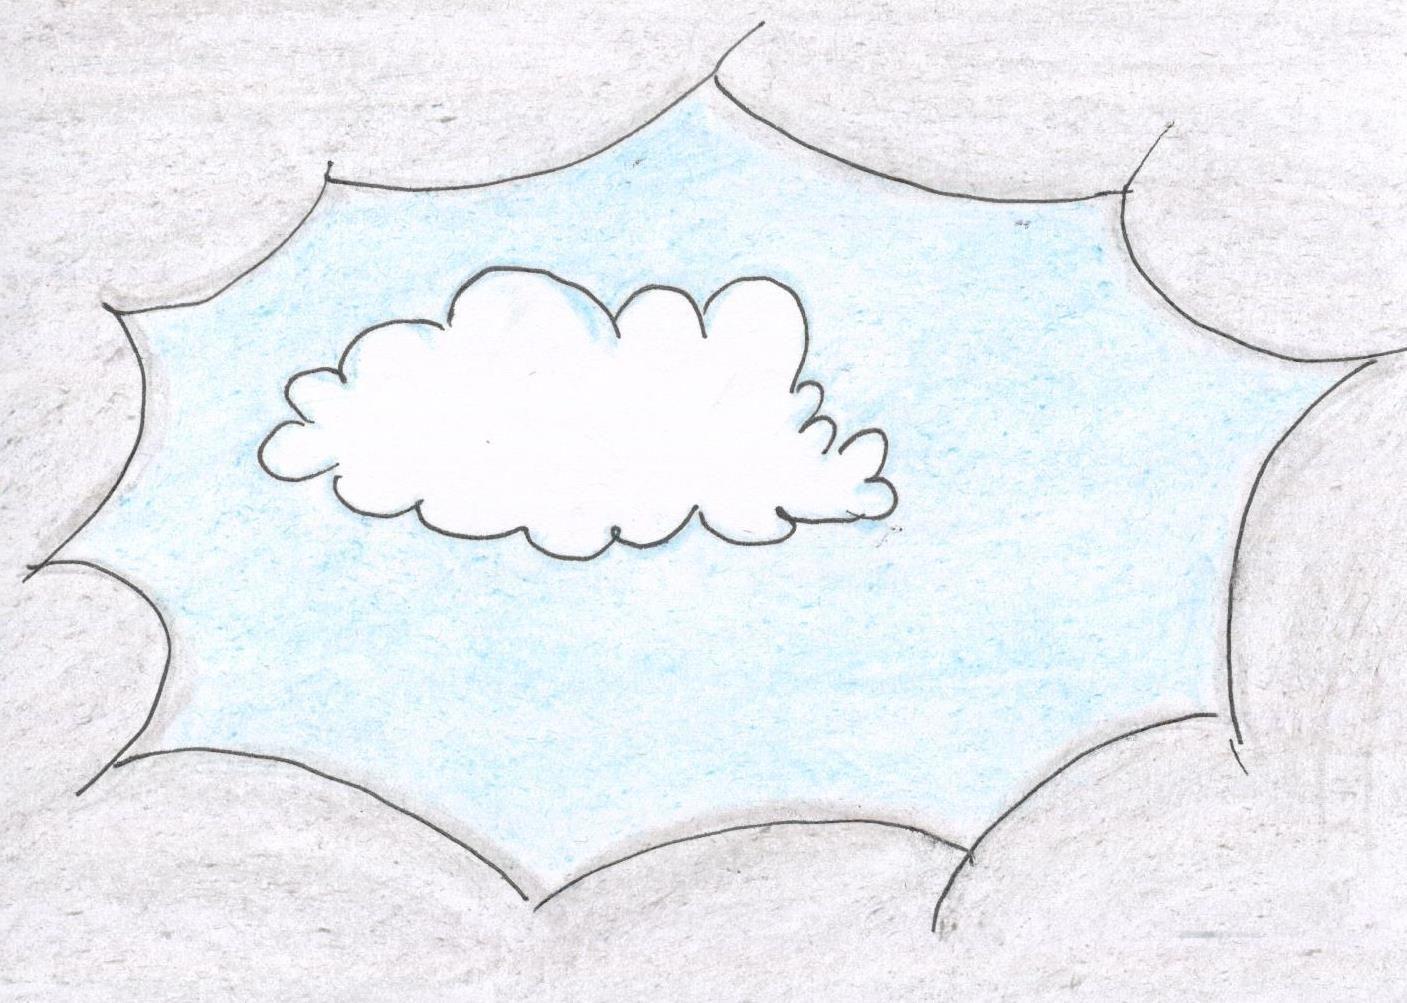 Opowieść o pewnym śnieżnobiałym obłoczku, który bardzo chciał wyjrzeć zza szarych chmur i zobaczyć świat, a miał na to tylko jeden dzień...